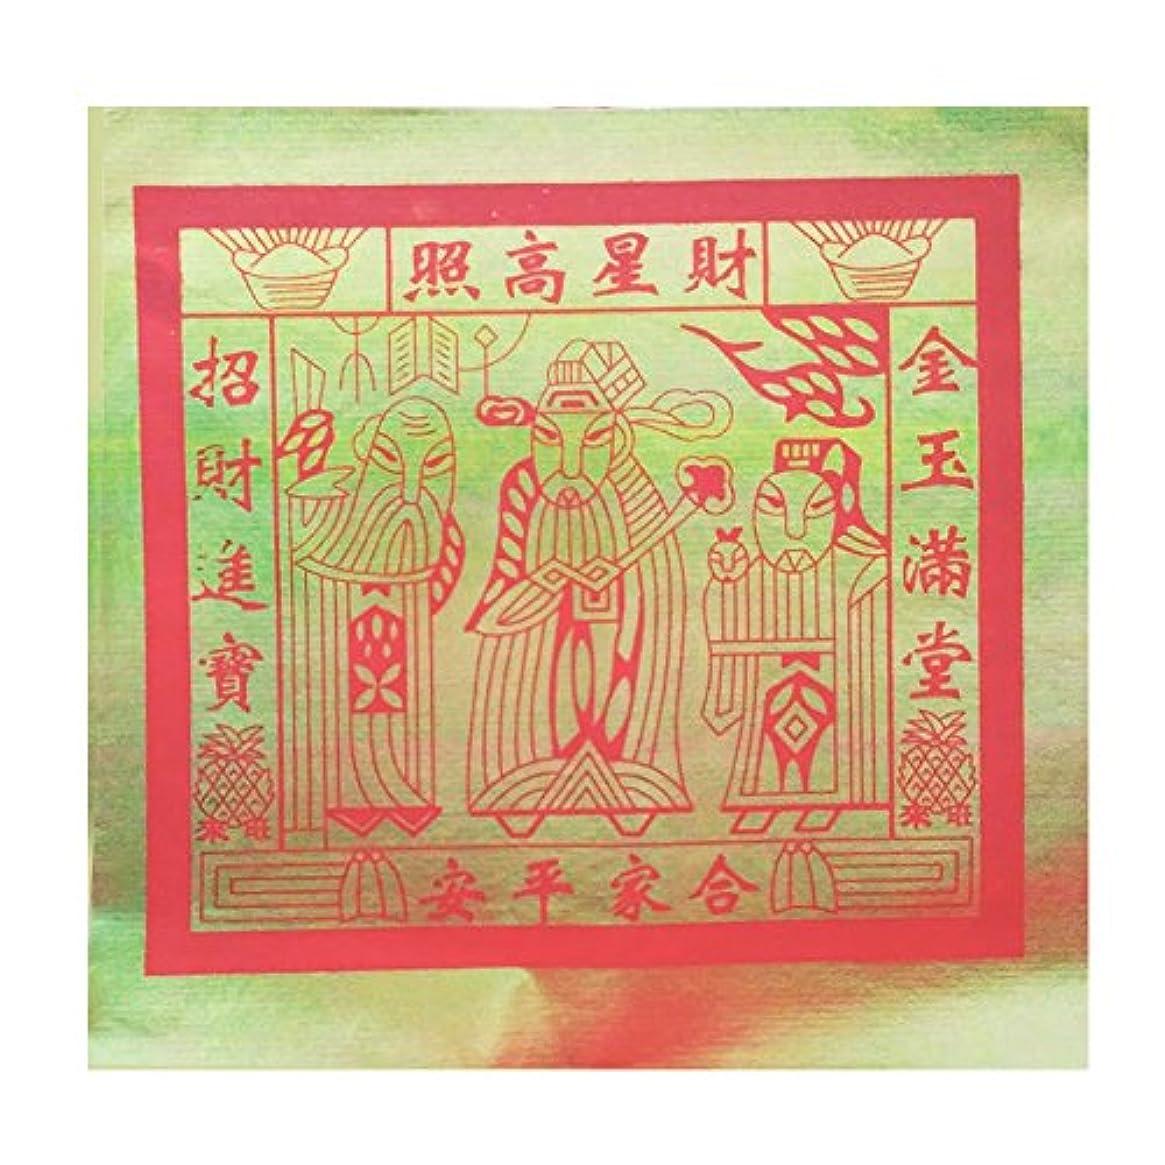 ネコ姉妹タンザニア100個Incense用紙/ Joss用紙with High Gradeフルゴールド箔サイズ中10.75インチx 10.4インチ